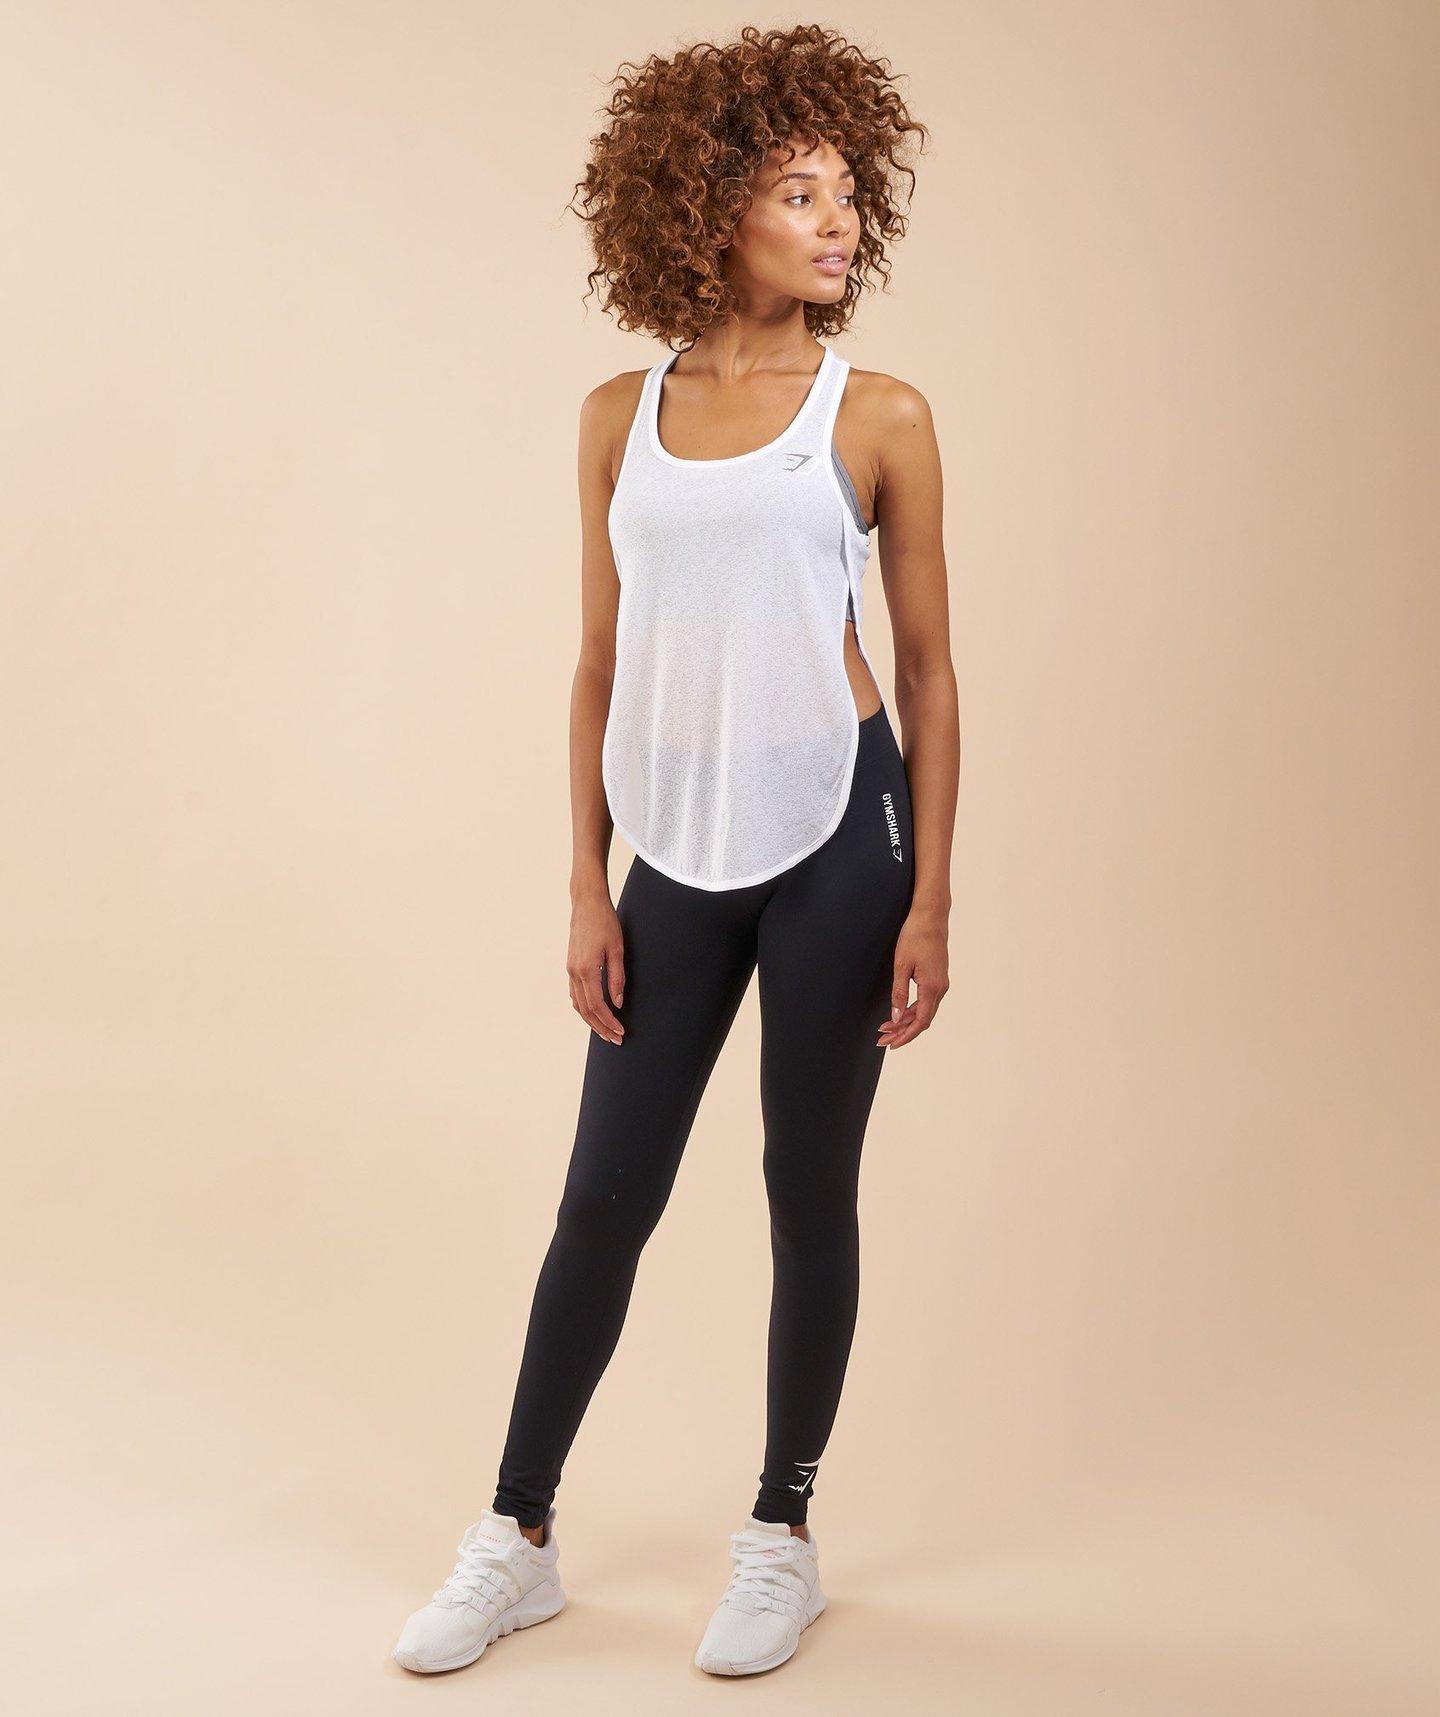 Sélection d'articles en promotion - Ex : leggings pour femme Ark Jersey - différents coloris (du XS au XL)